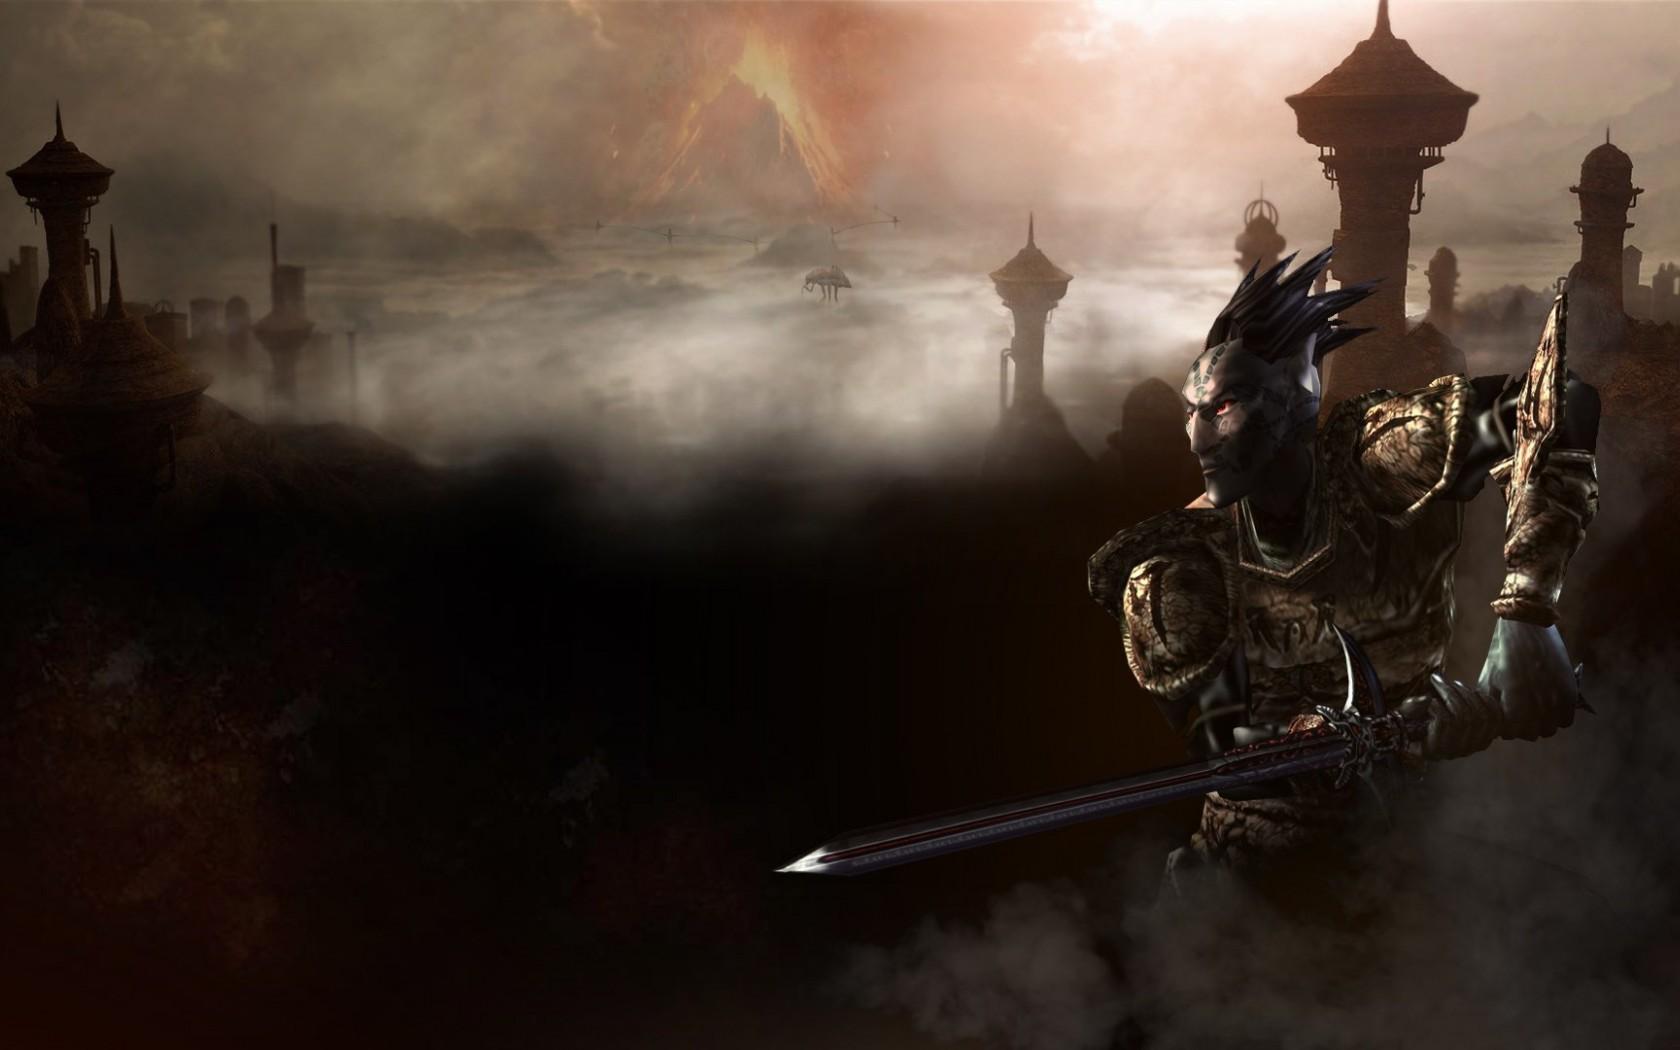 The Elder Scrolls Iii Morrowind Wallpaper The Elder Scrolls